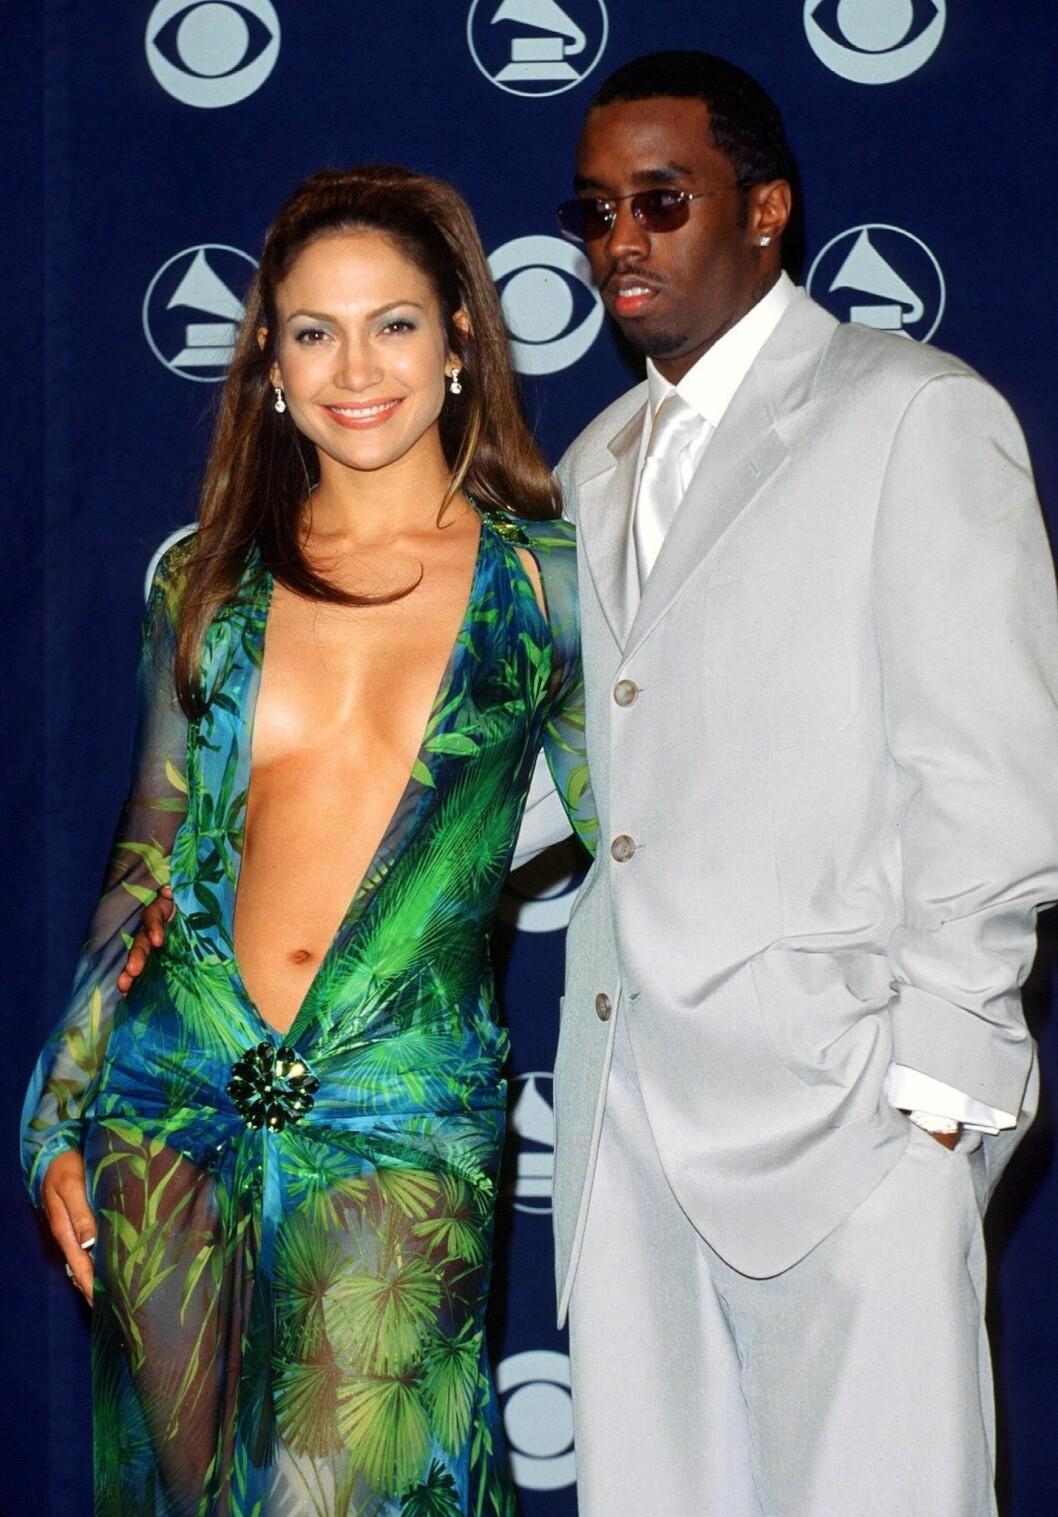 <strong>IKONISK:</strong> Diddy sier at J.Los rumpe vil bli husket gjennom historien. Den dristige Versace-kjolen sangstjernen var iført på Grammy Awards sammen med Diddy i år 2000, er i hvert fall blitt en del av motehistorien. Foto: Stella Pictures